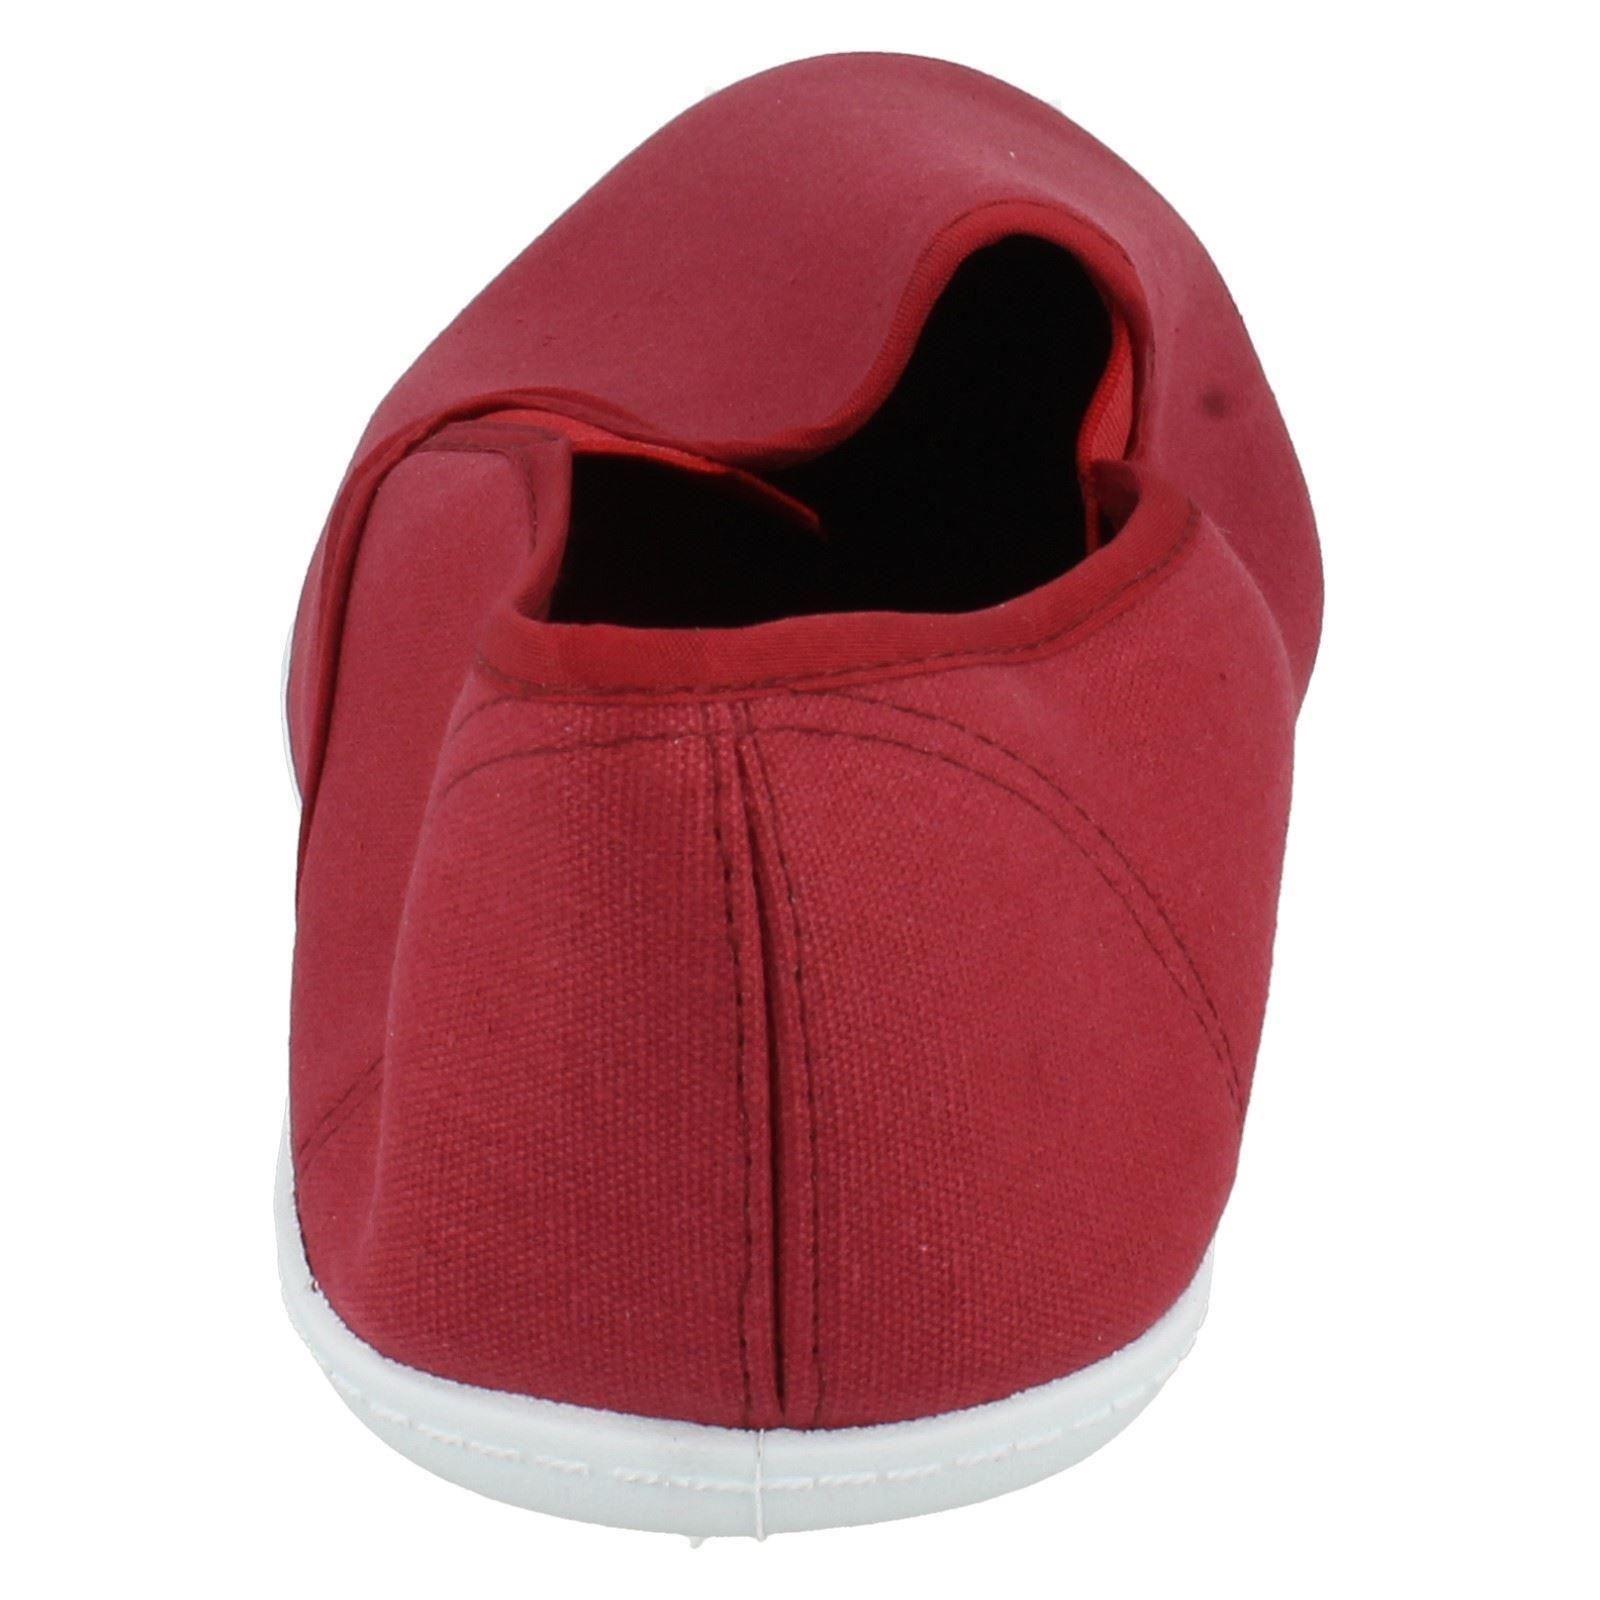 Para Hombre Unbranded Slip On Canvas Shoes el estilo a1096